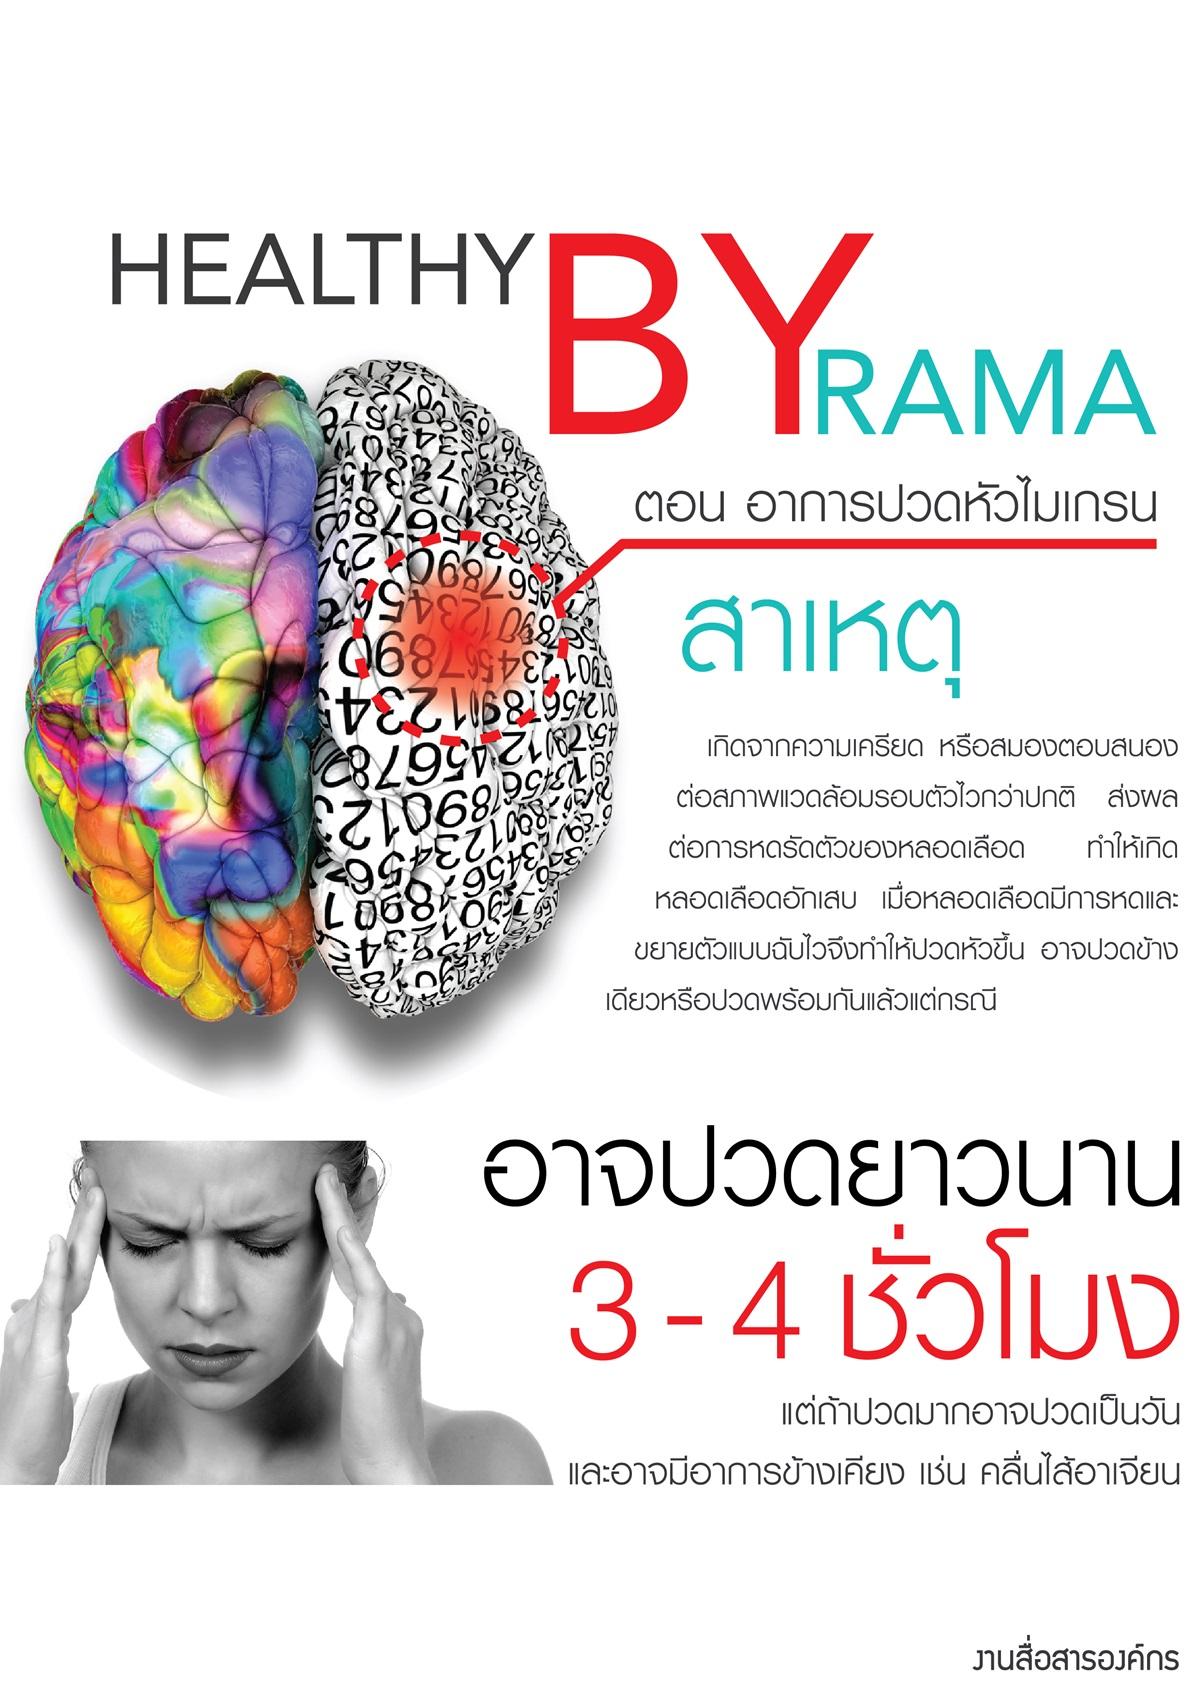 Healthy By Rama ตอน อาการปวดหัวไมเกรน